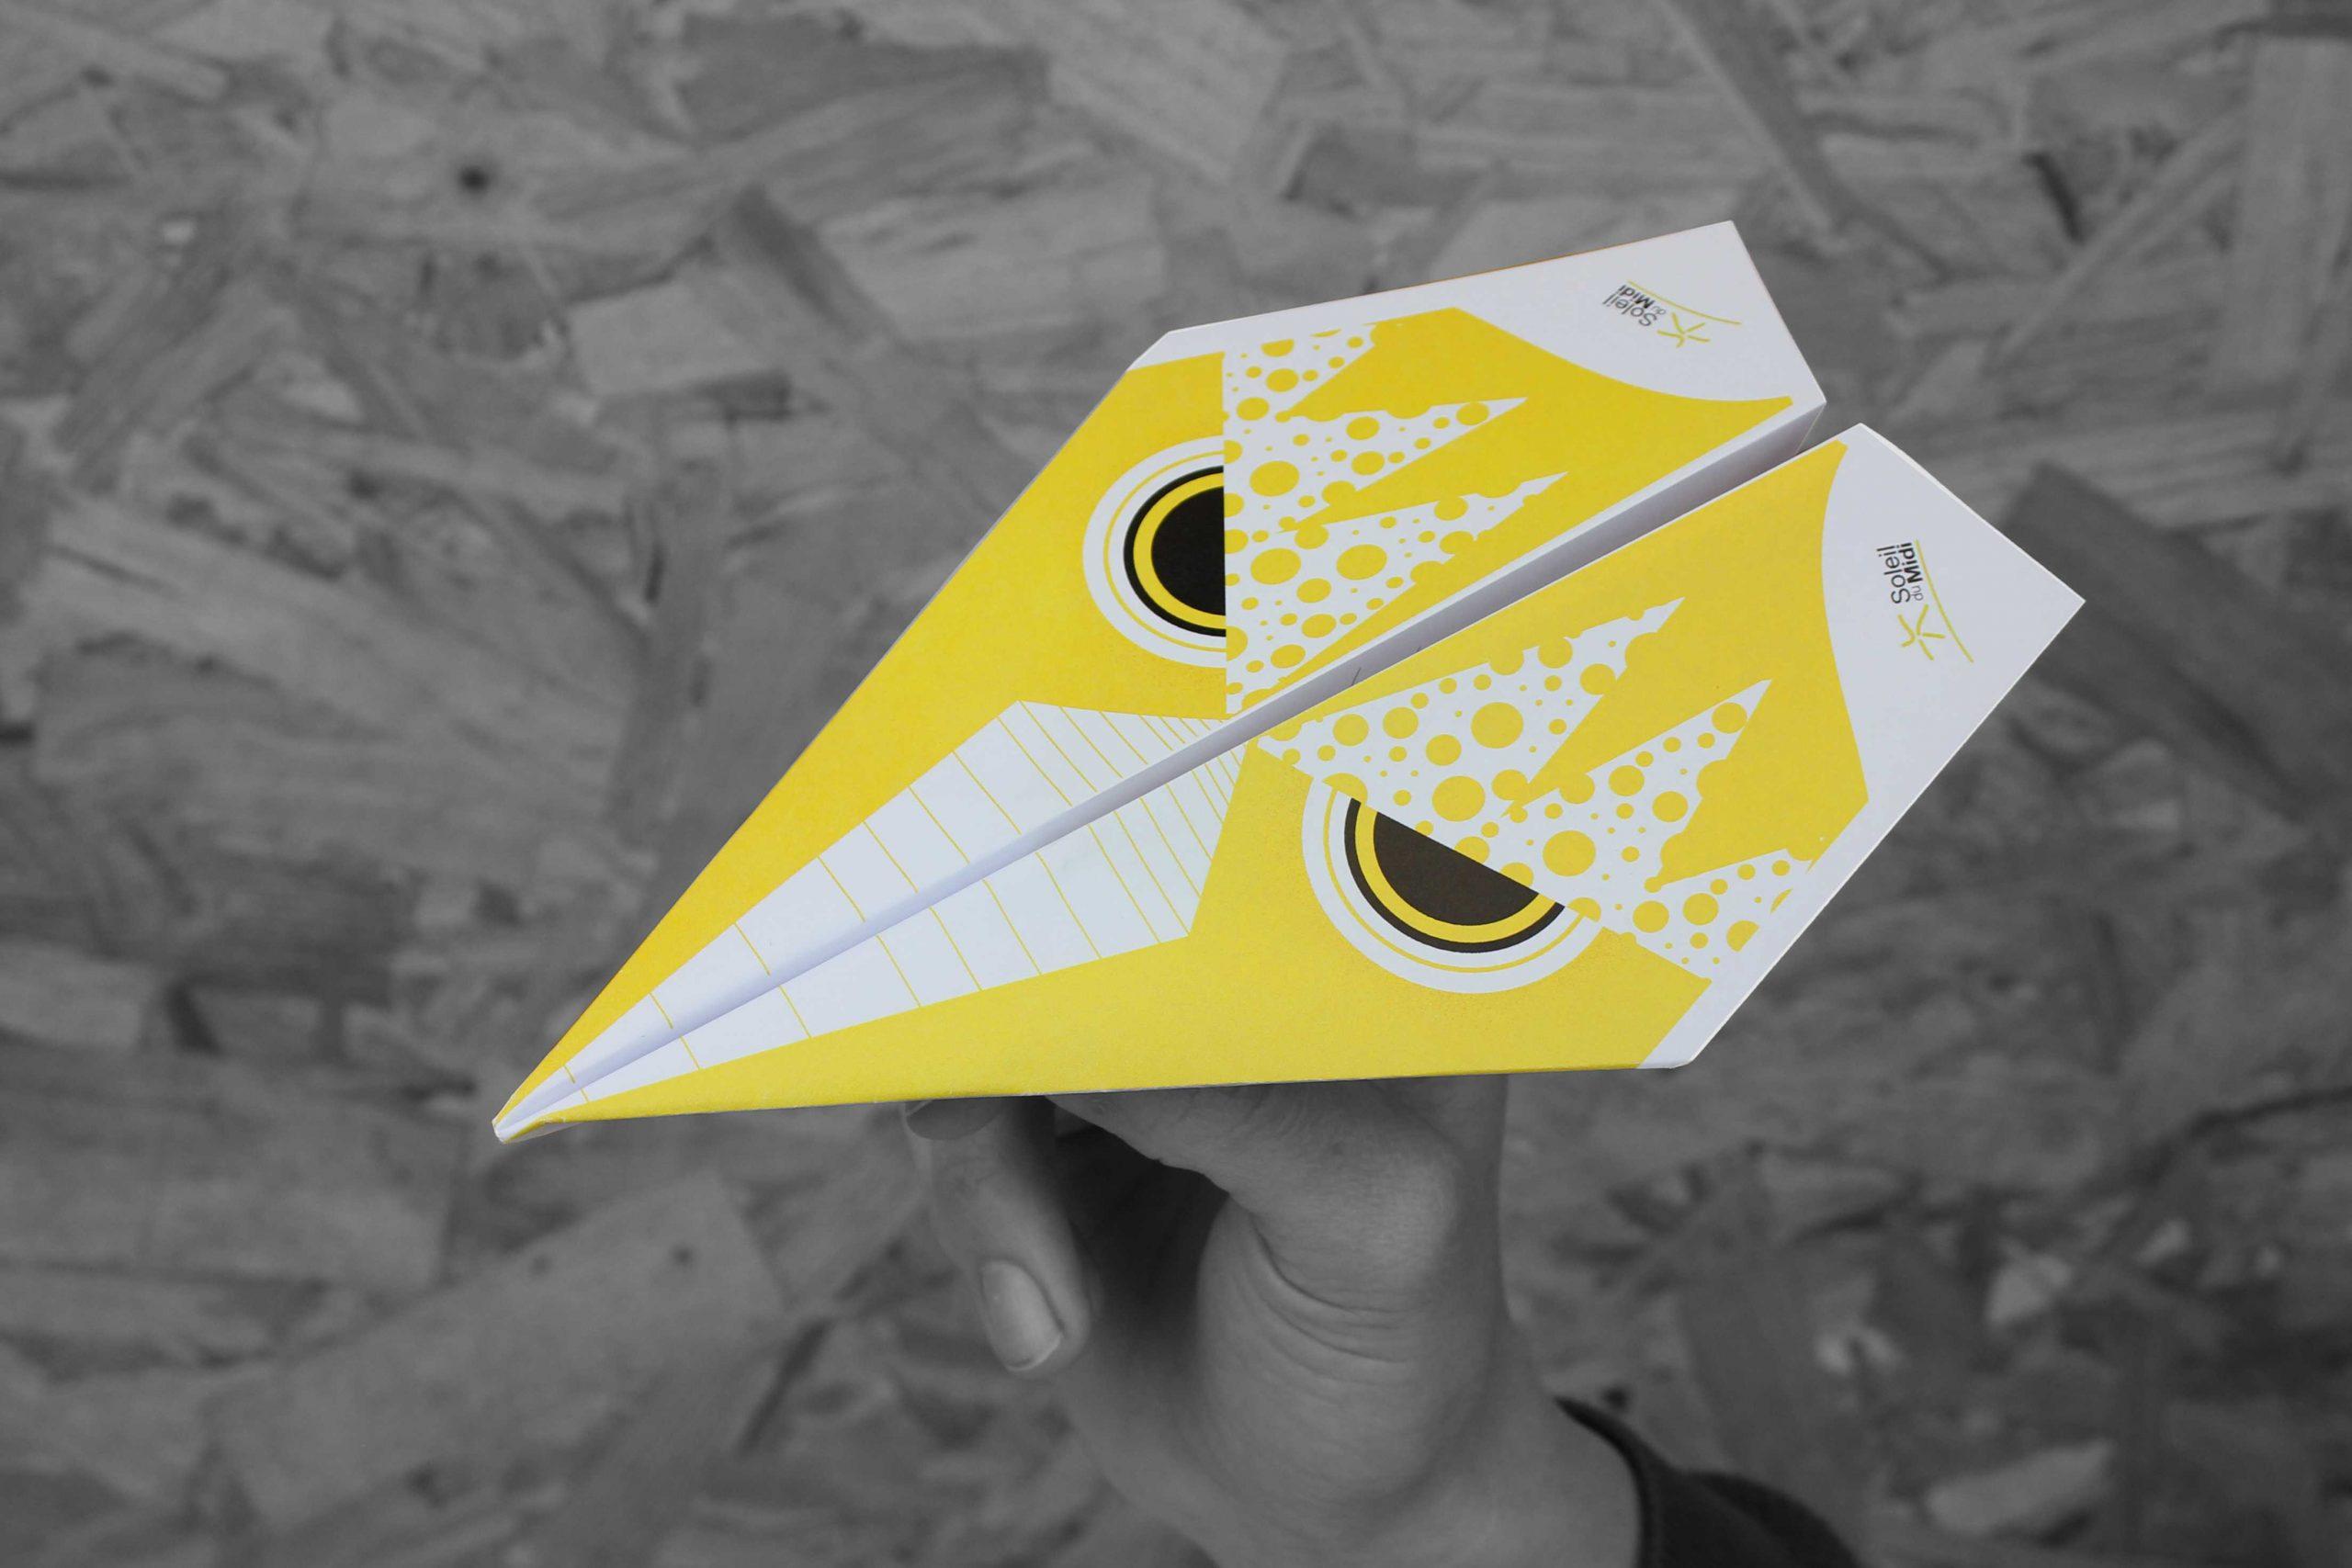 avion en papier illustration soleil du midi